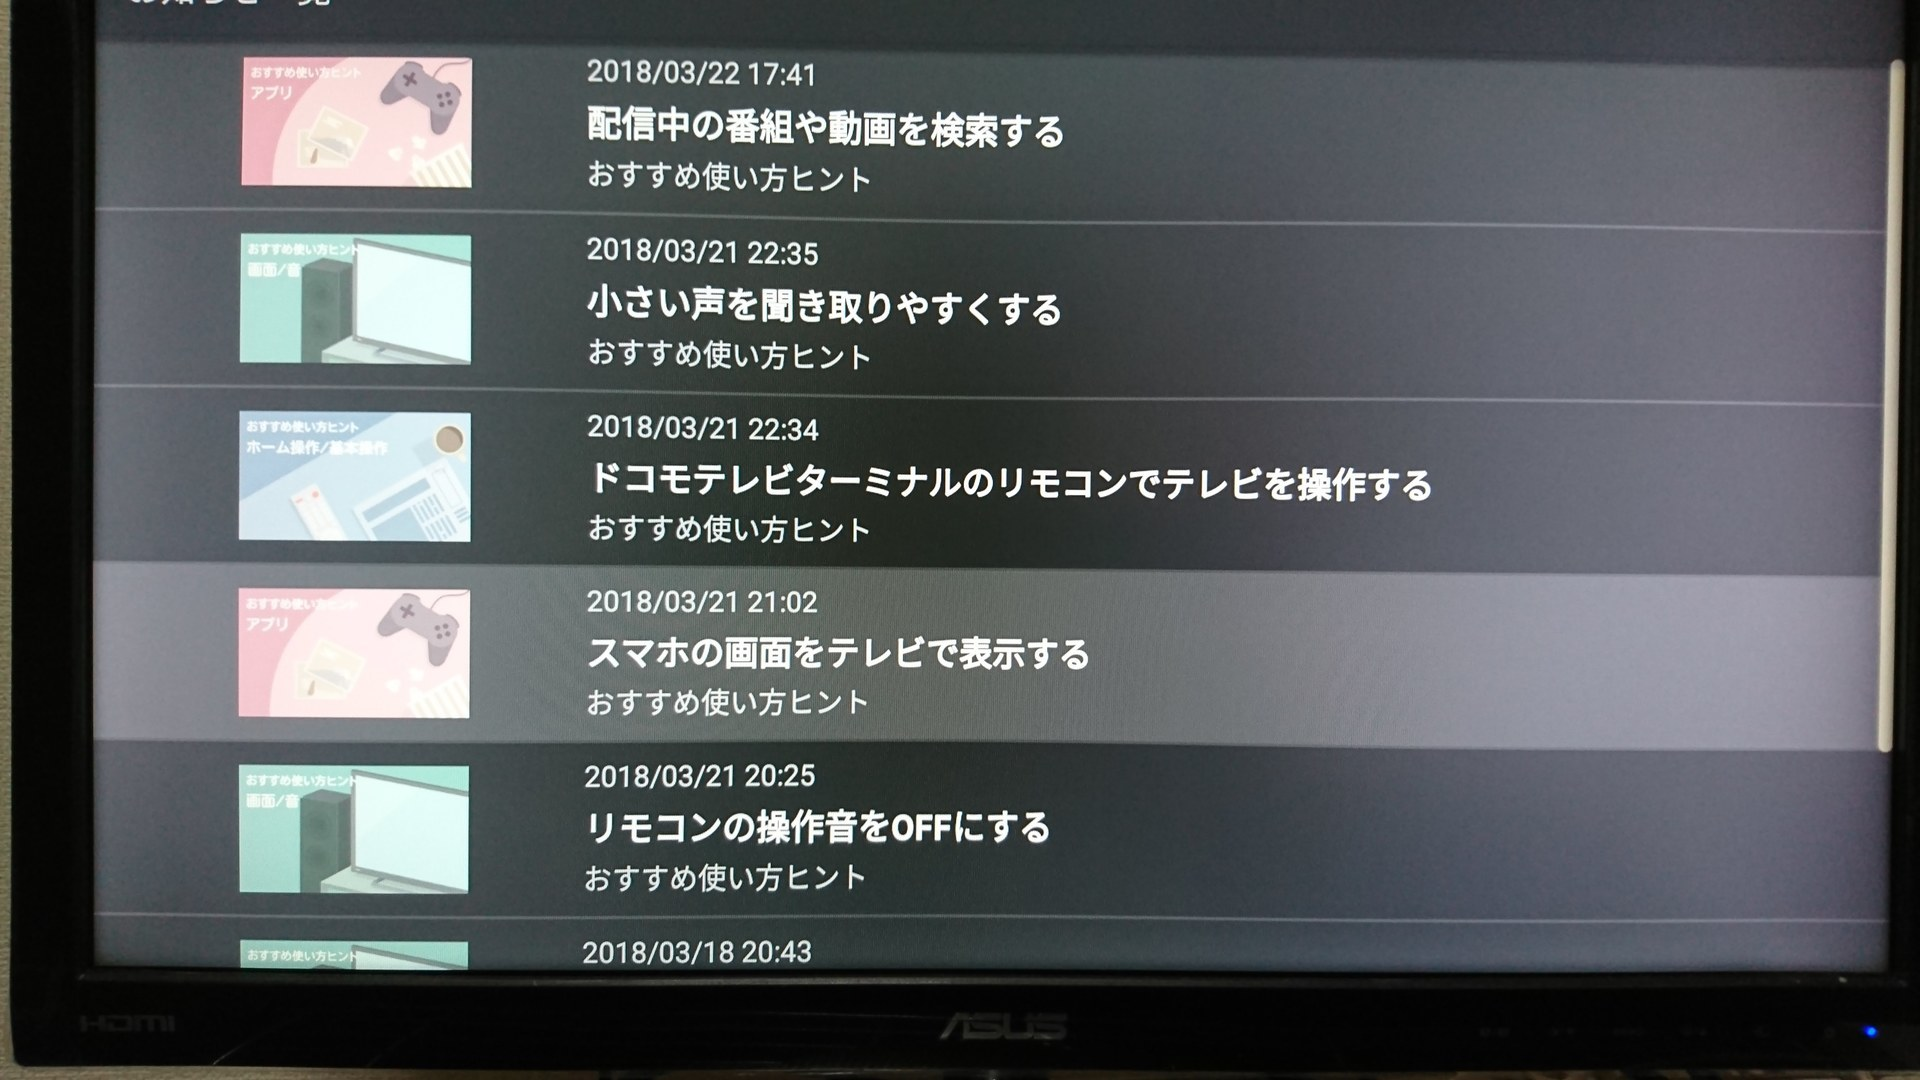 ターミナル 録画 テレビ ドコモ